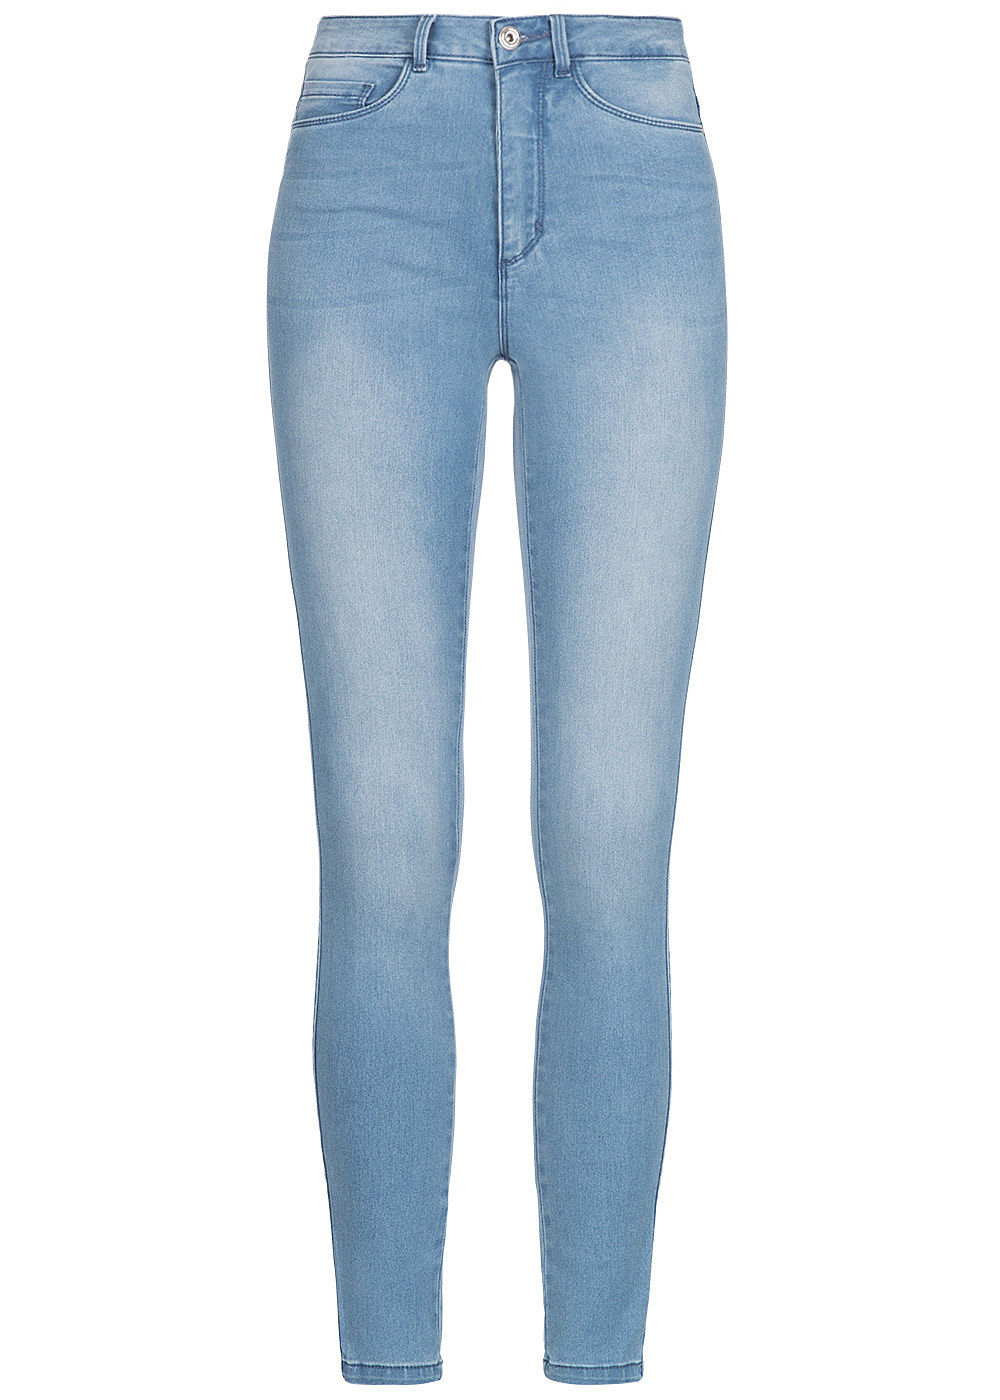 only damen skinny jeans hose 5 pockets high waist hell. Black Bedroom Furniture Sets. Home Design Ideas